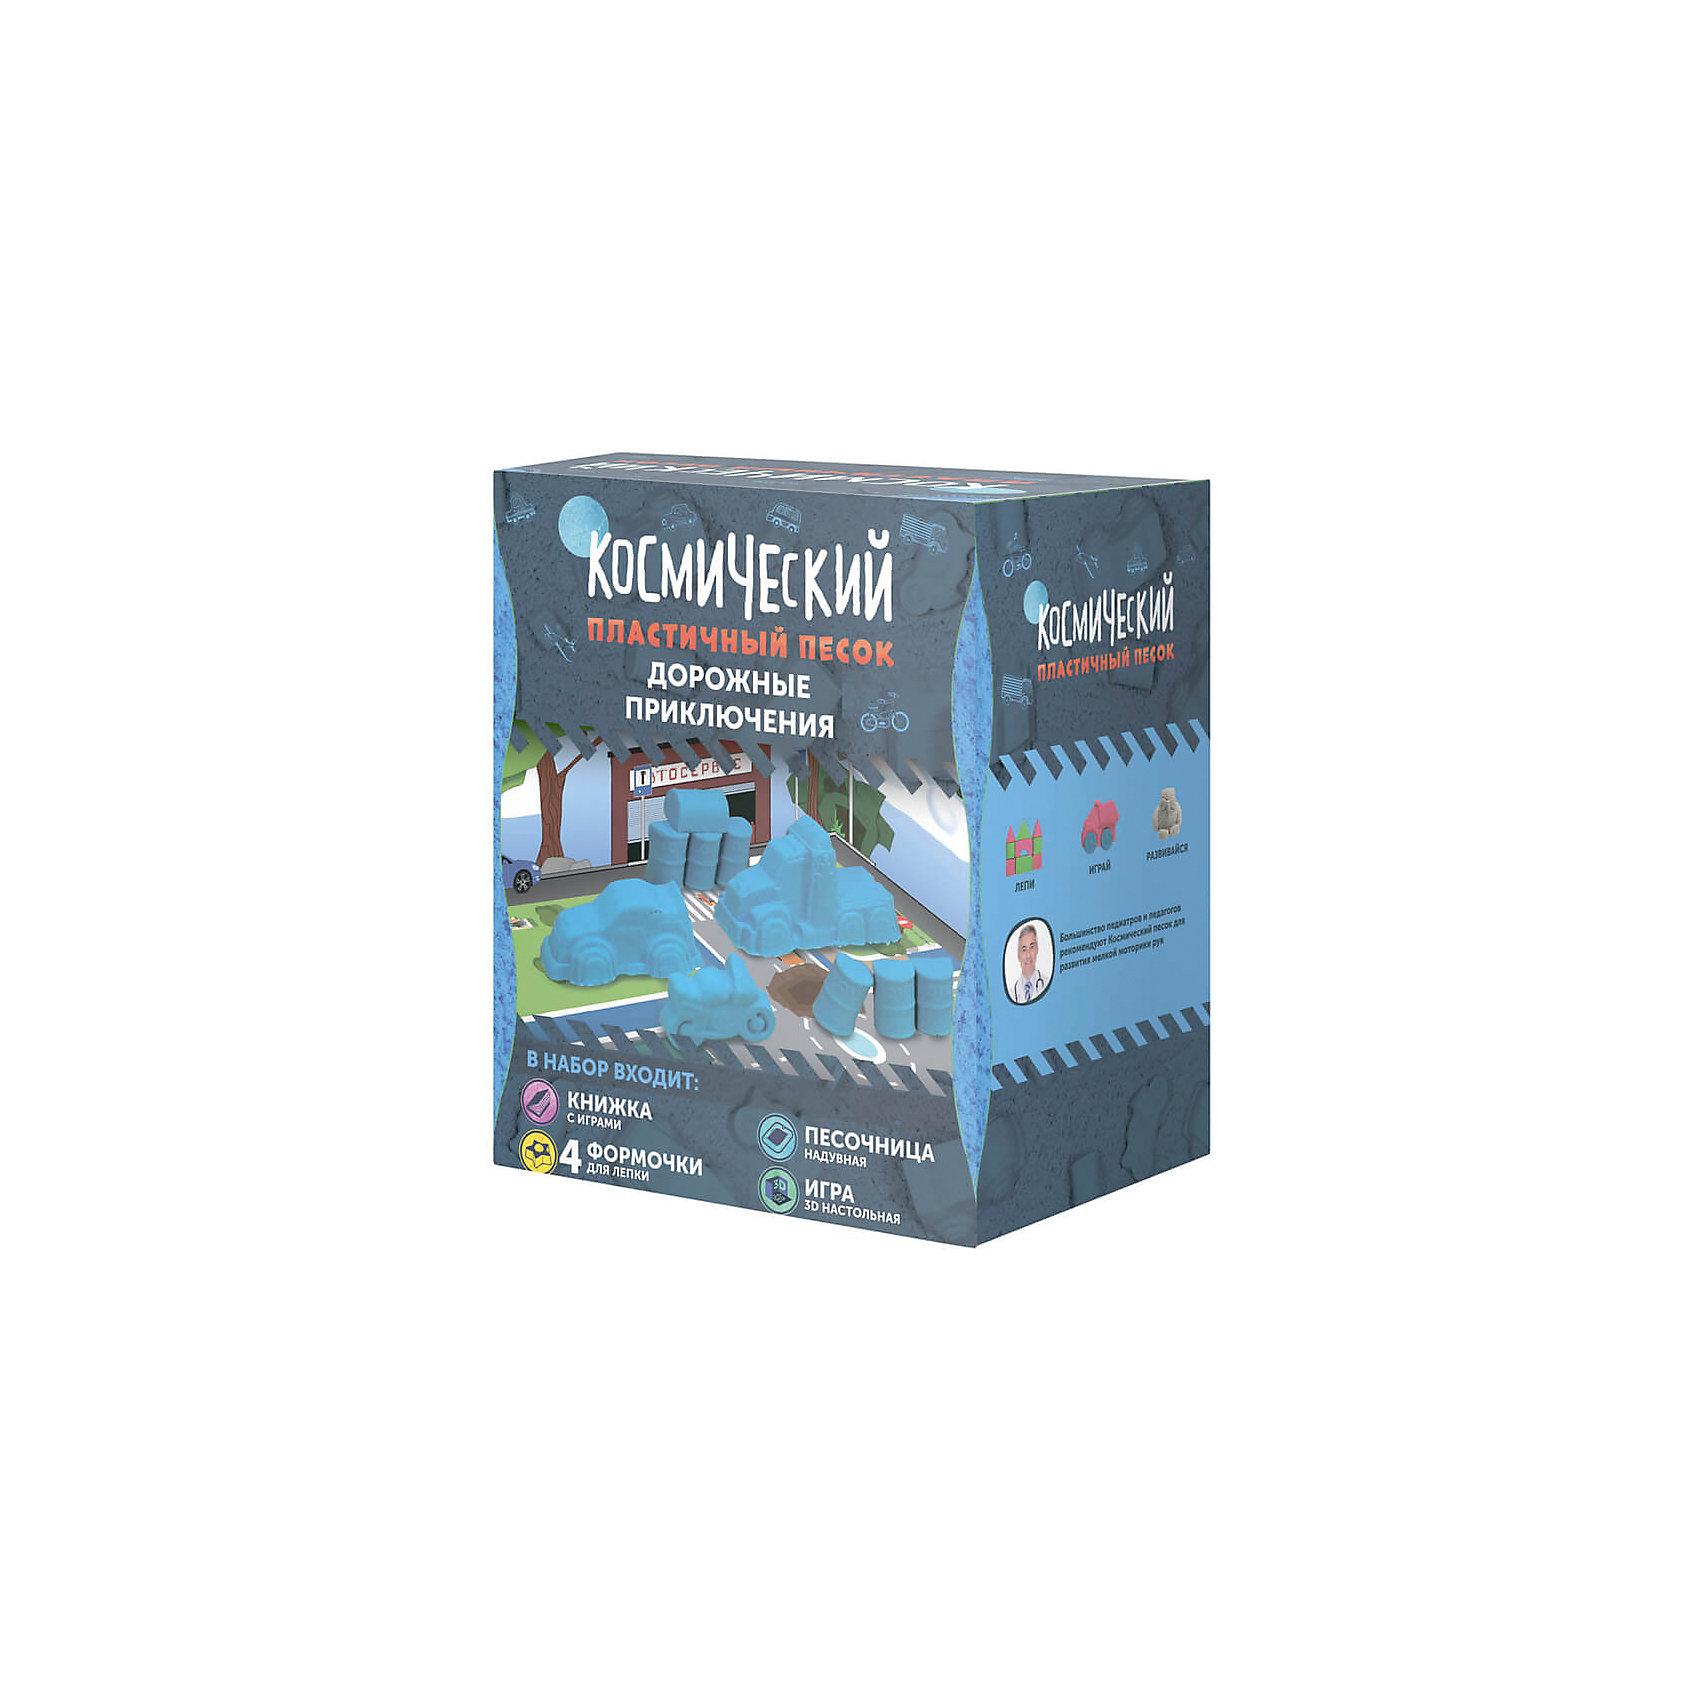 Набор Дорожные приключения 1 кг, Космический песокХарактеристики товара:<br><br>• цвет: разноцветный<br>• размер упаковки: 26 x 23 x 8 см<br>• вес: 1500 г<br>• комплектация: большая надувная песочница, 1 кг песка розового цвета, 4 формочки для лепки, трехмерная настольная игра, книжка с развивающими играми и пошаговыми инструкциями<br>• песок - голубого цвета<br>• подходит для игр дома<br>• возраст: от двух лет<br>• упаковка: коробка<br>• страна бренда: РФ<br>• страна изготовитель: РФ<br><br>Такой набор станет отличным подарком ребенку - ведь с помощью кинетического песка можно создавать фигуры легко и весело! В набор входит целый килограмм песка и набор для игры с ним дома. Песок легко принимает нужную форму и так же легко распадается на песчинки. Играть можно бесконечно! Песок легко собирается, не красится и оставляет пятен на одежде.<br>Детям очень нравится что-то делать своими руками. Кроме того, творчество помогает детям развивать важные навыки и способности, оно активизирует мышление, формирует усидчивость, творческие способности, мелкую моторику и воображение. Изделие производится из качественных и проверенных материалов, которые безопасны для детей.<br><br>Набор Дорожные приключения 1 кг, от бренда Космический песок можно купить в нашем интернет-магазине.<br><br>Ширина мм: 260<br>Глубина мм: 75<br>Высота мм: 230<br>Вес г: 1500<br>Возраст от месяцев: 36<br>Возраст до месяцев: 84<br>Пол: Мужской<br>Возраст: Детский<br>SKU: 5168928